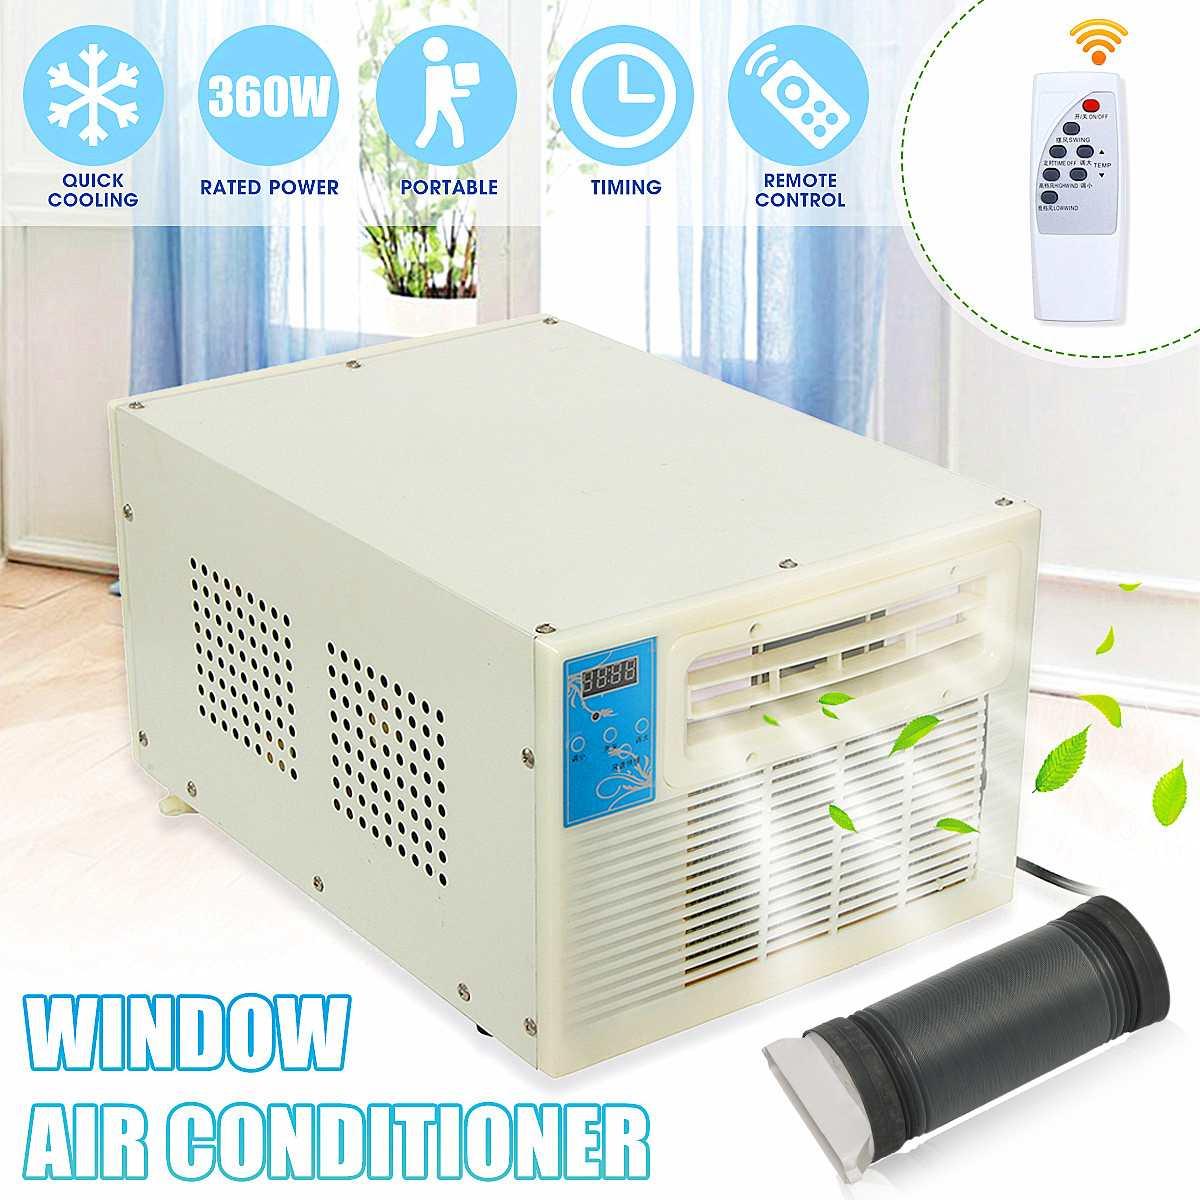 Haushaltsgeräte Neueste 900 W Ipx4 Desktops Klimaanlage Fenster Klimaanlage Mini Haushalt Luftkühler Klimaanlage Mit Fernbedienung